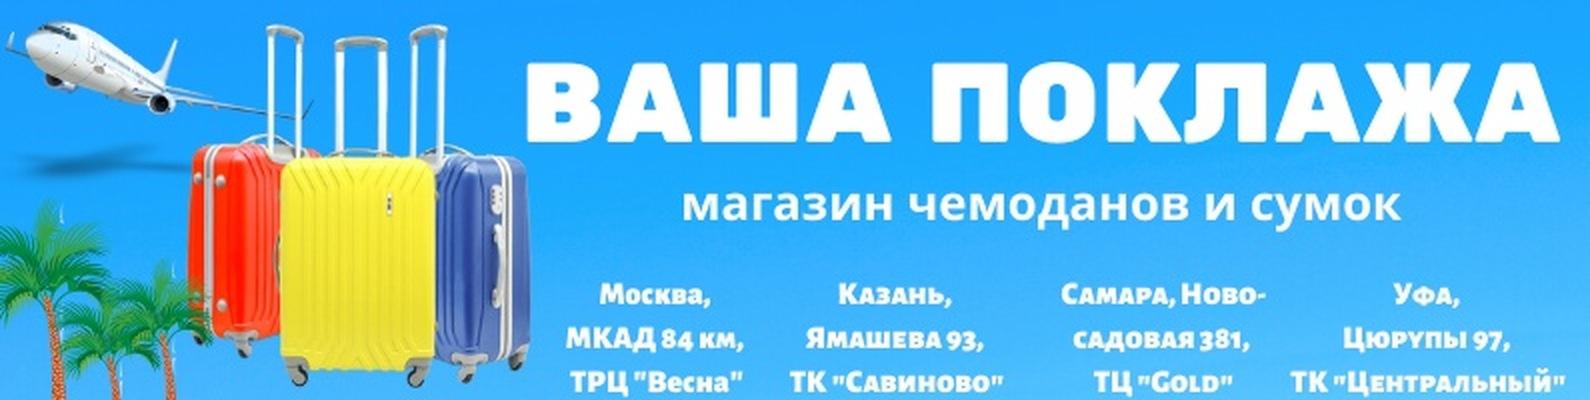 Колеса для чемоданов купить в Москве адреса